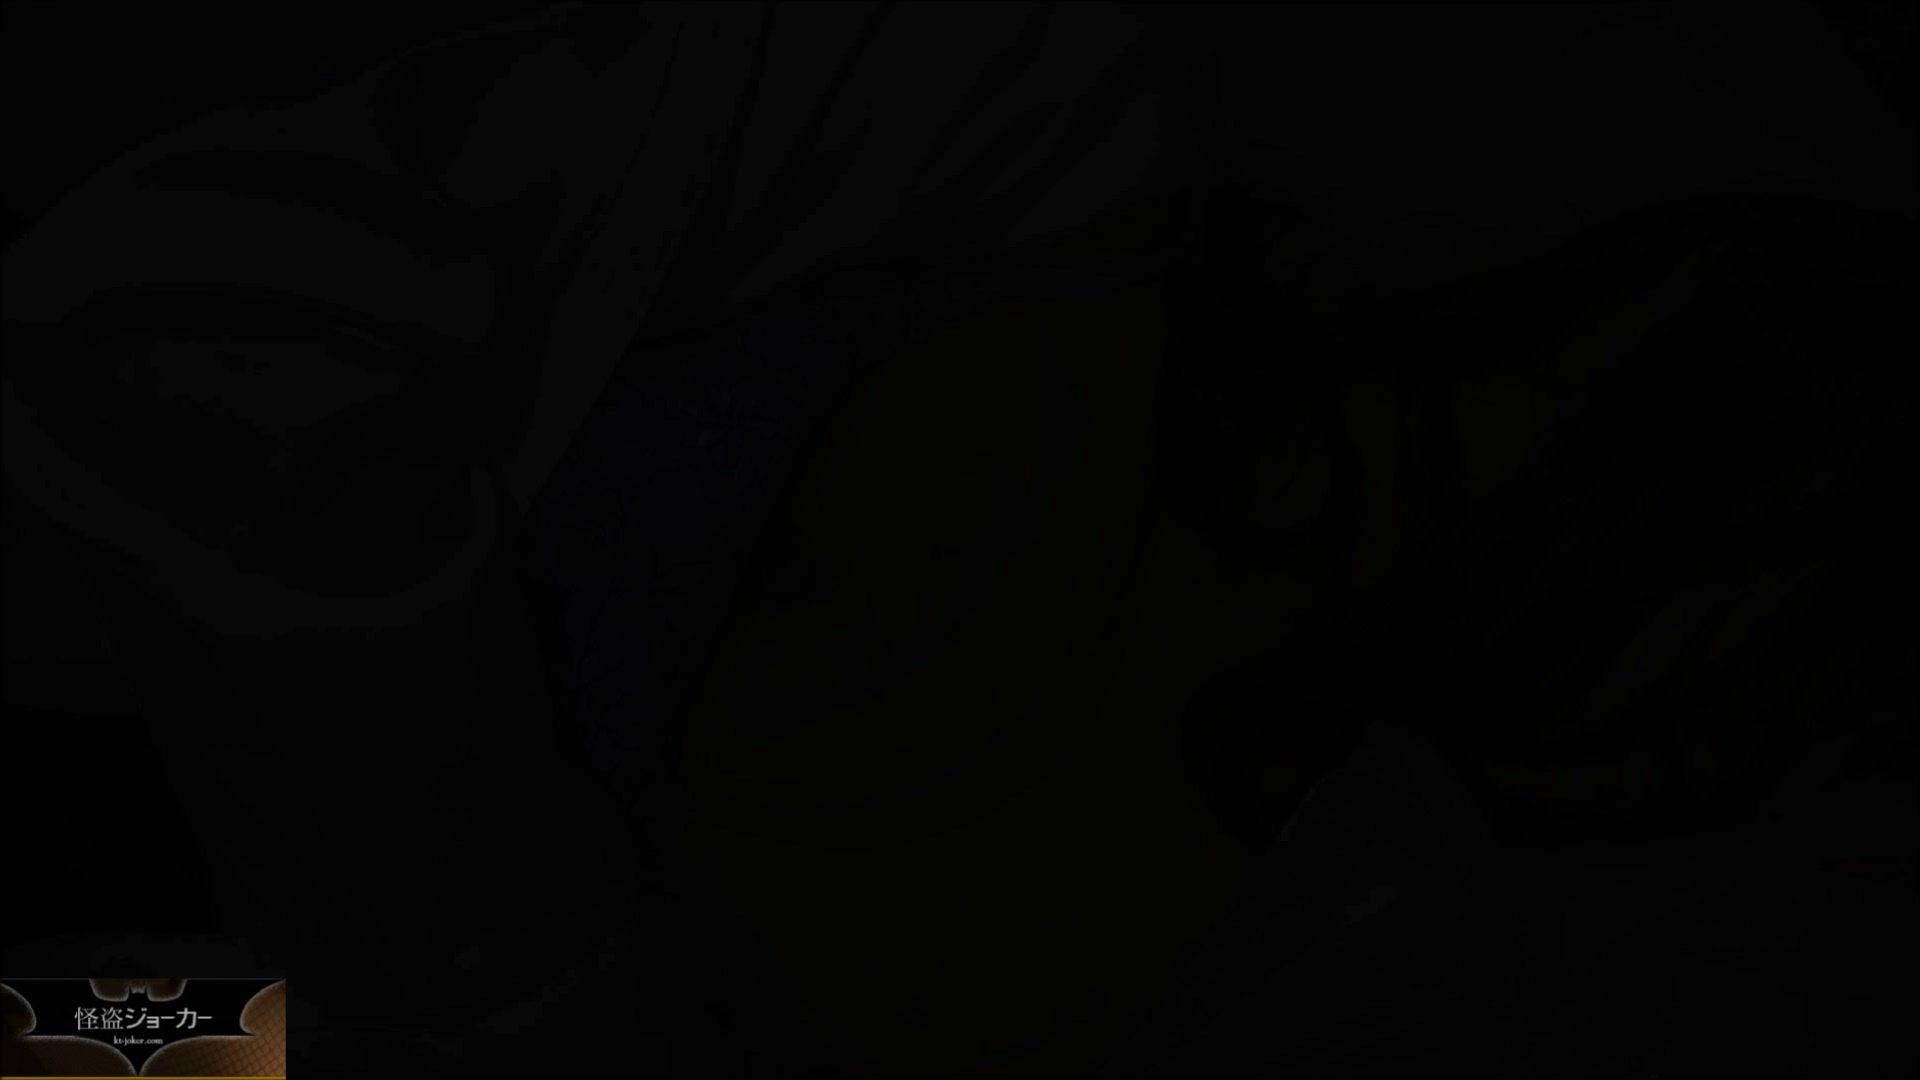 【未公開】vol.32 最後の制月反姿で目民る朋葉ちゃん・・・【番外編】 肛門  72PIX 44